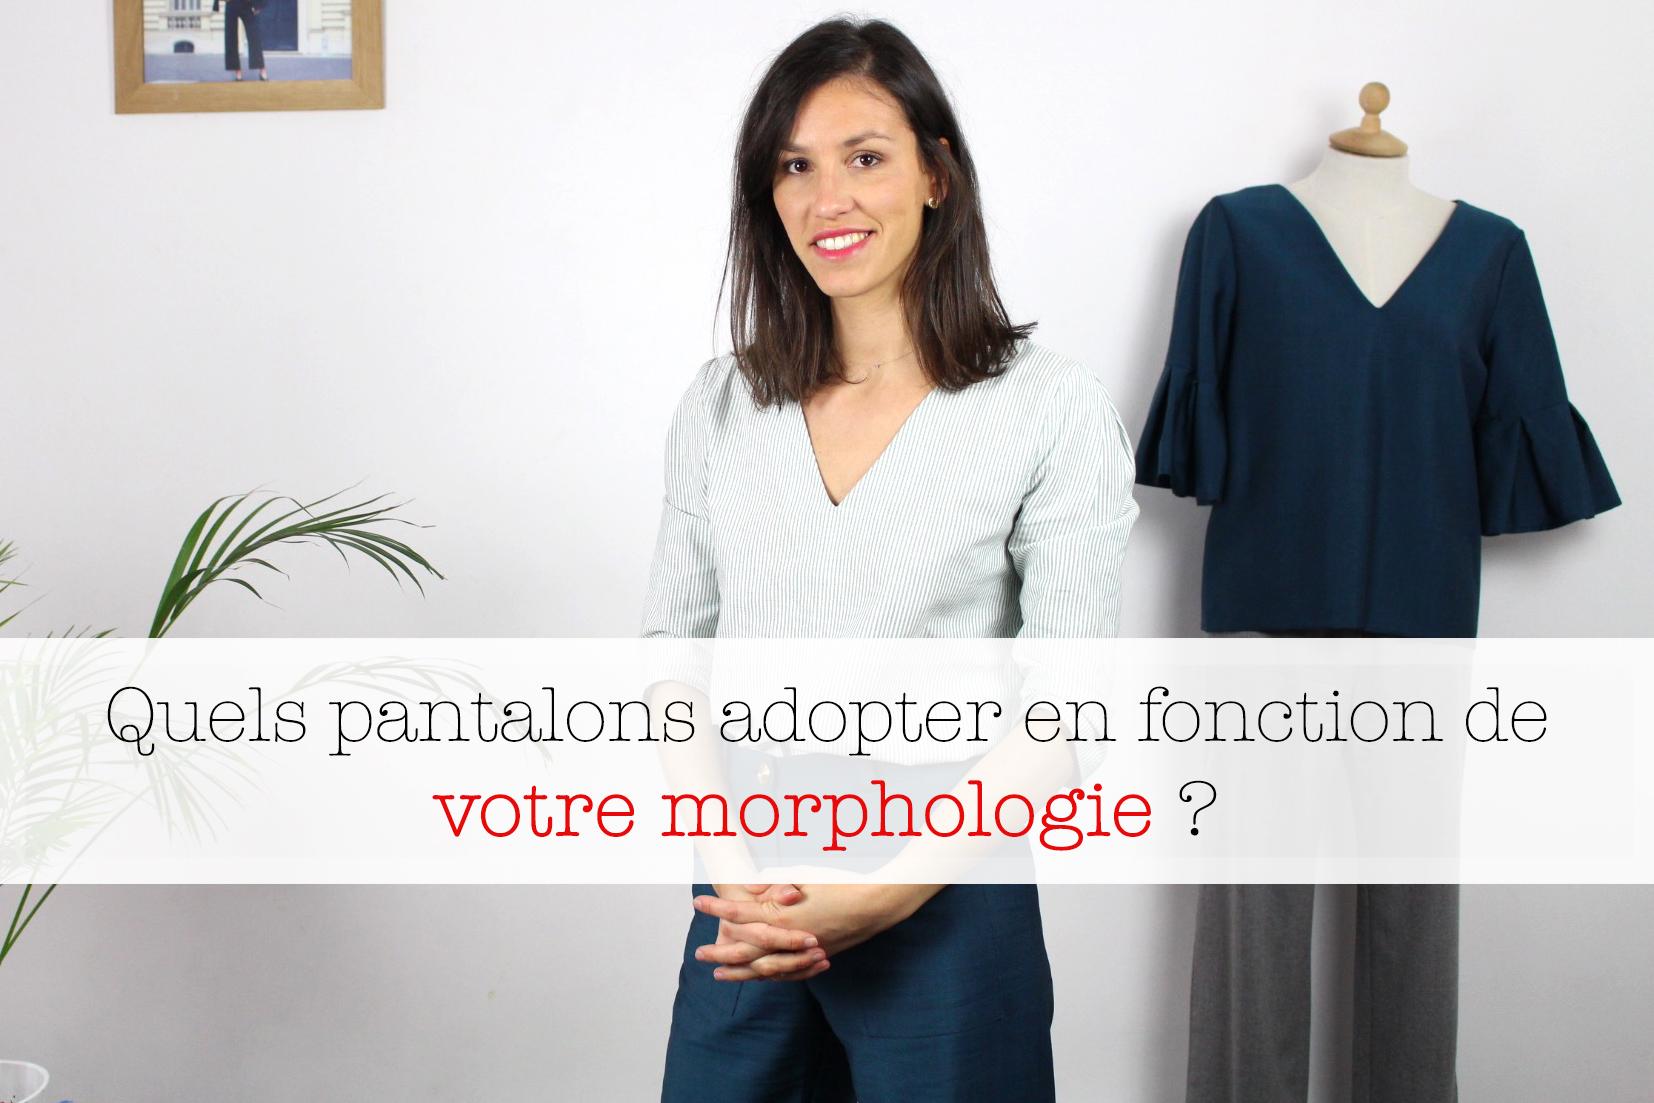 Choisir Pantalons Pour MorphologieAtode Quels Sa xthrQdsC